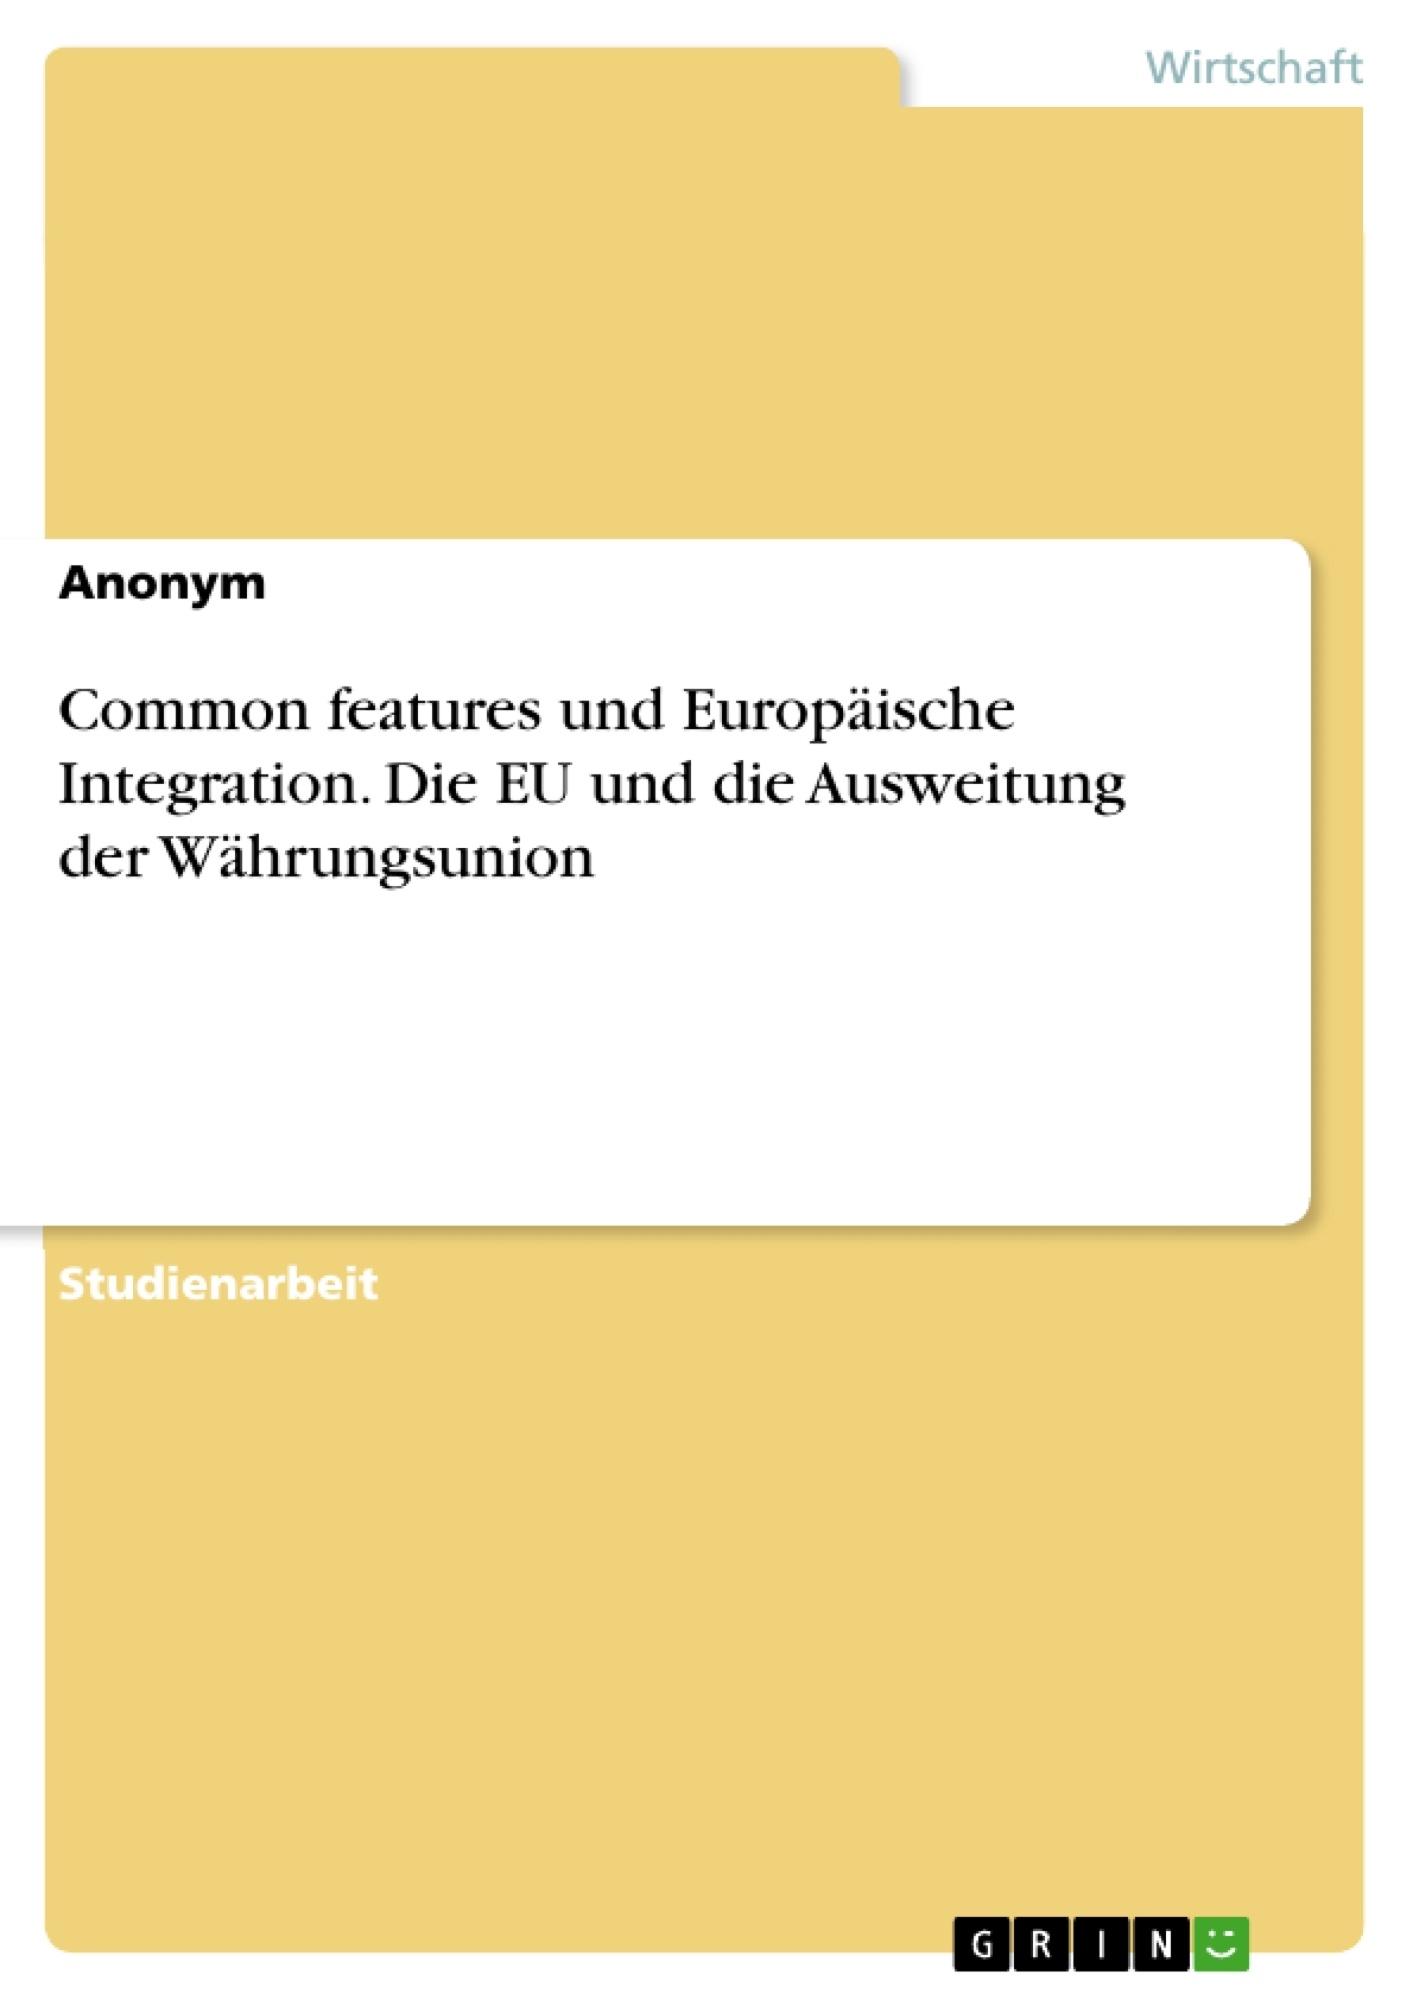 Titel: Common features und Europäische Integration. Die EU und die Ausweitung der Währungsunion